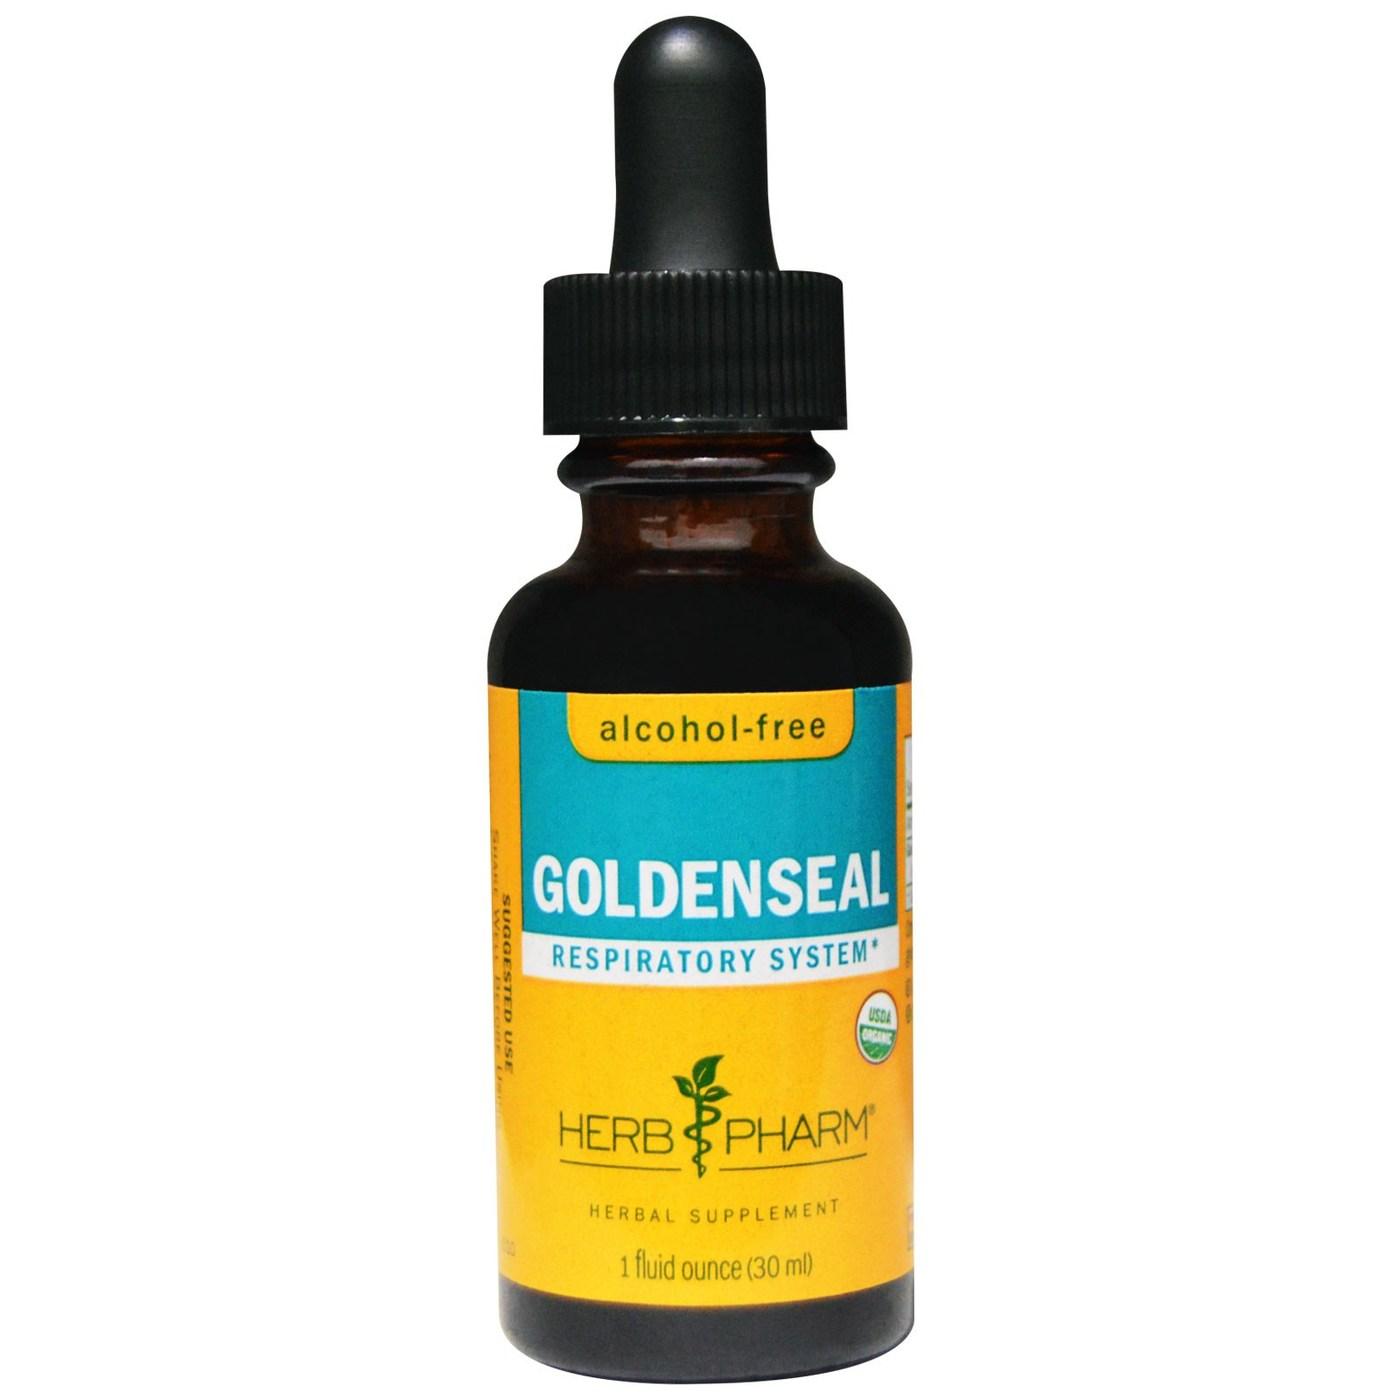 Golden root herbal viagra ireland